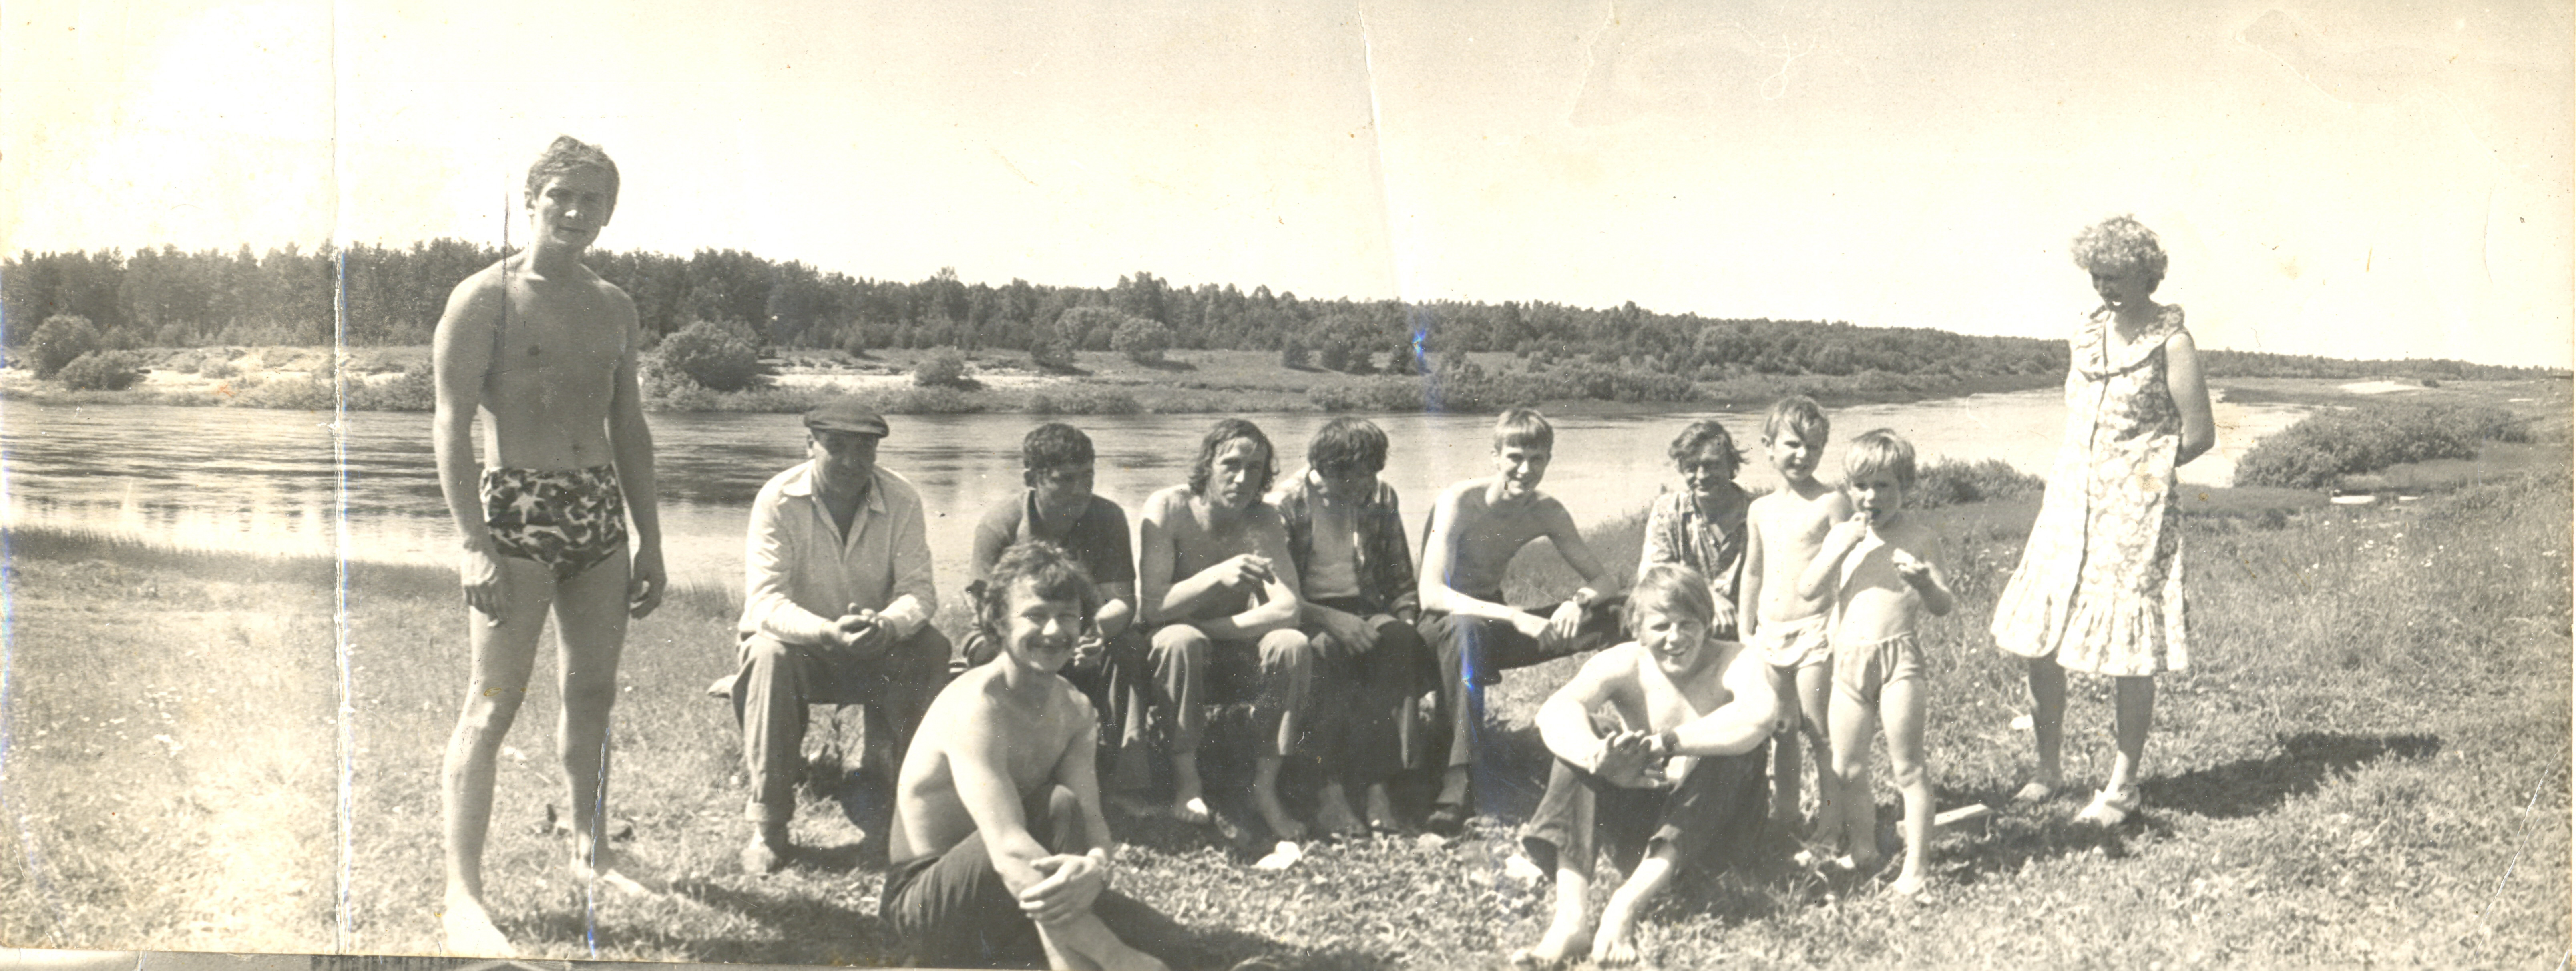 1985. У реки Чагодоща